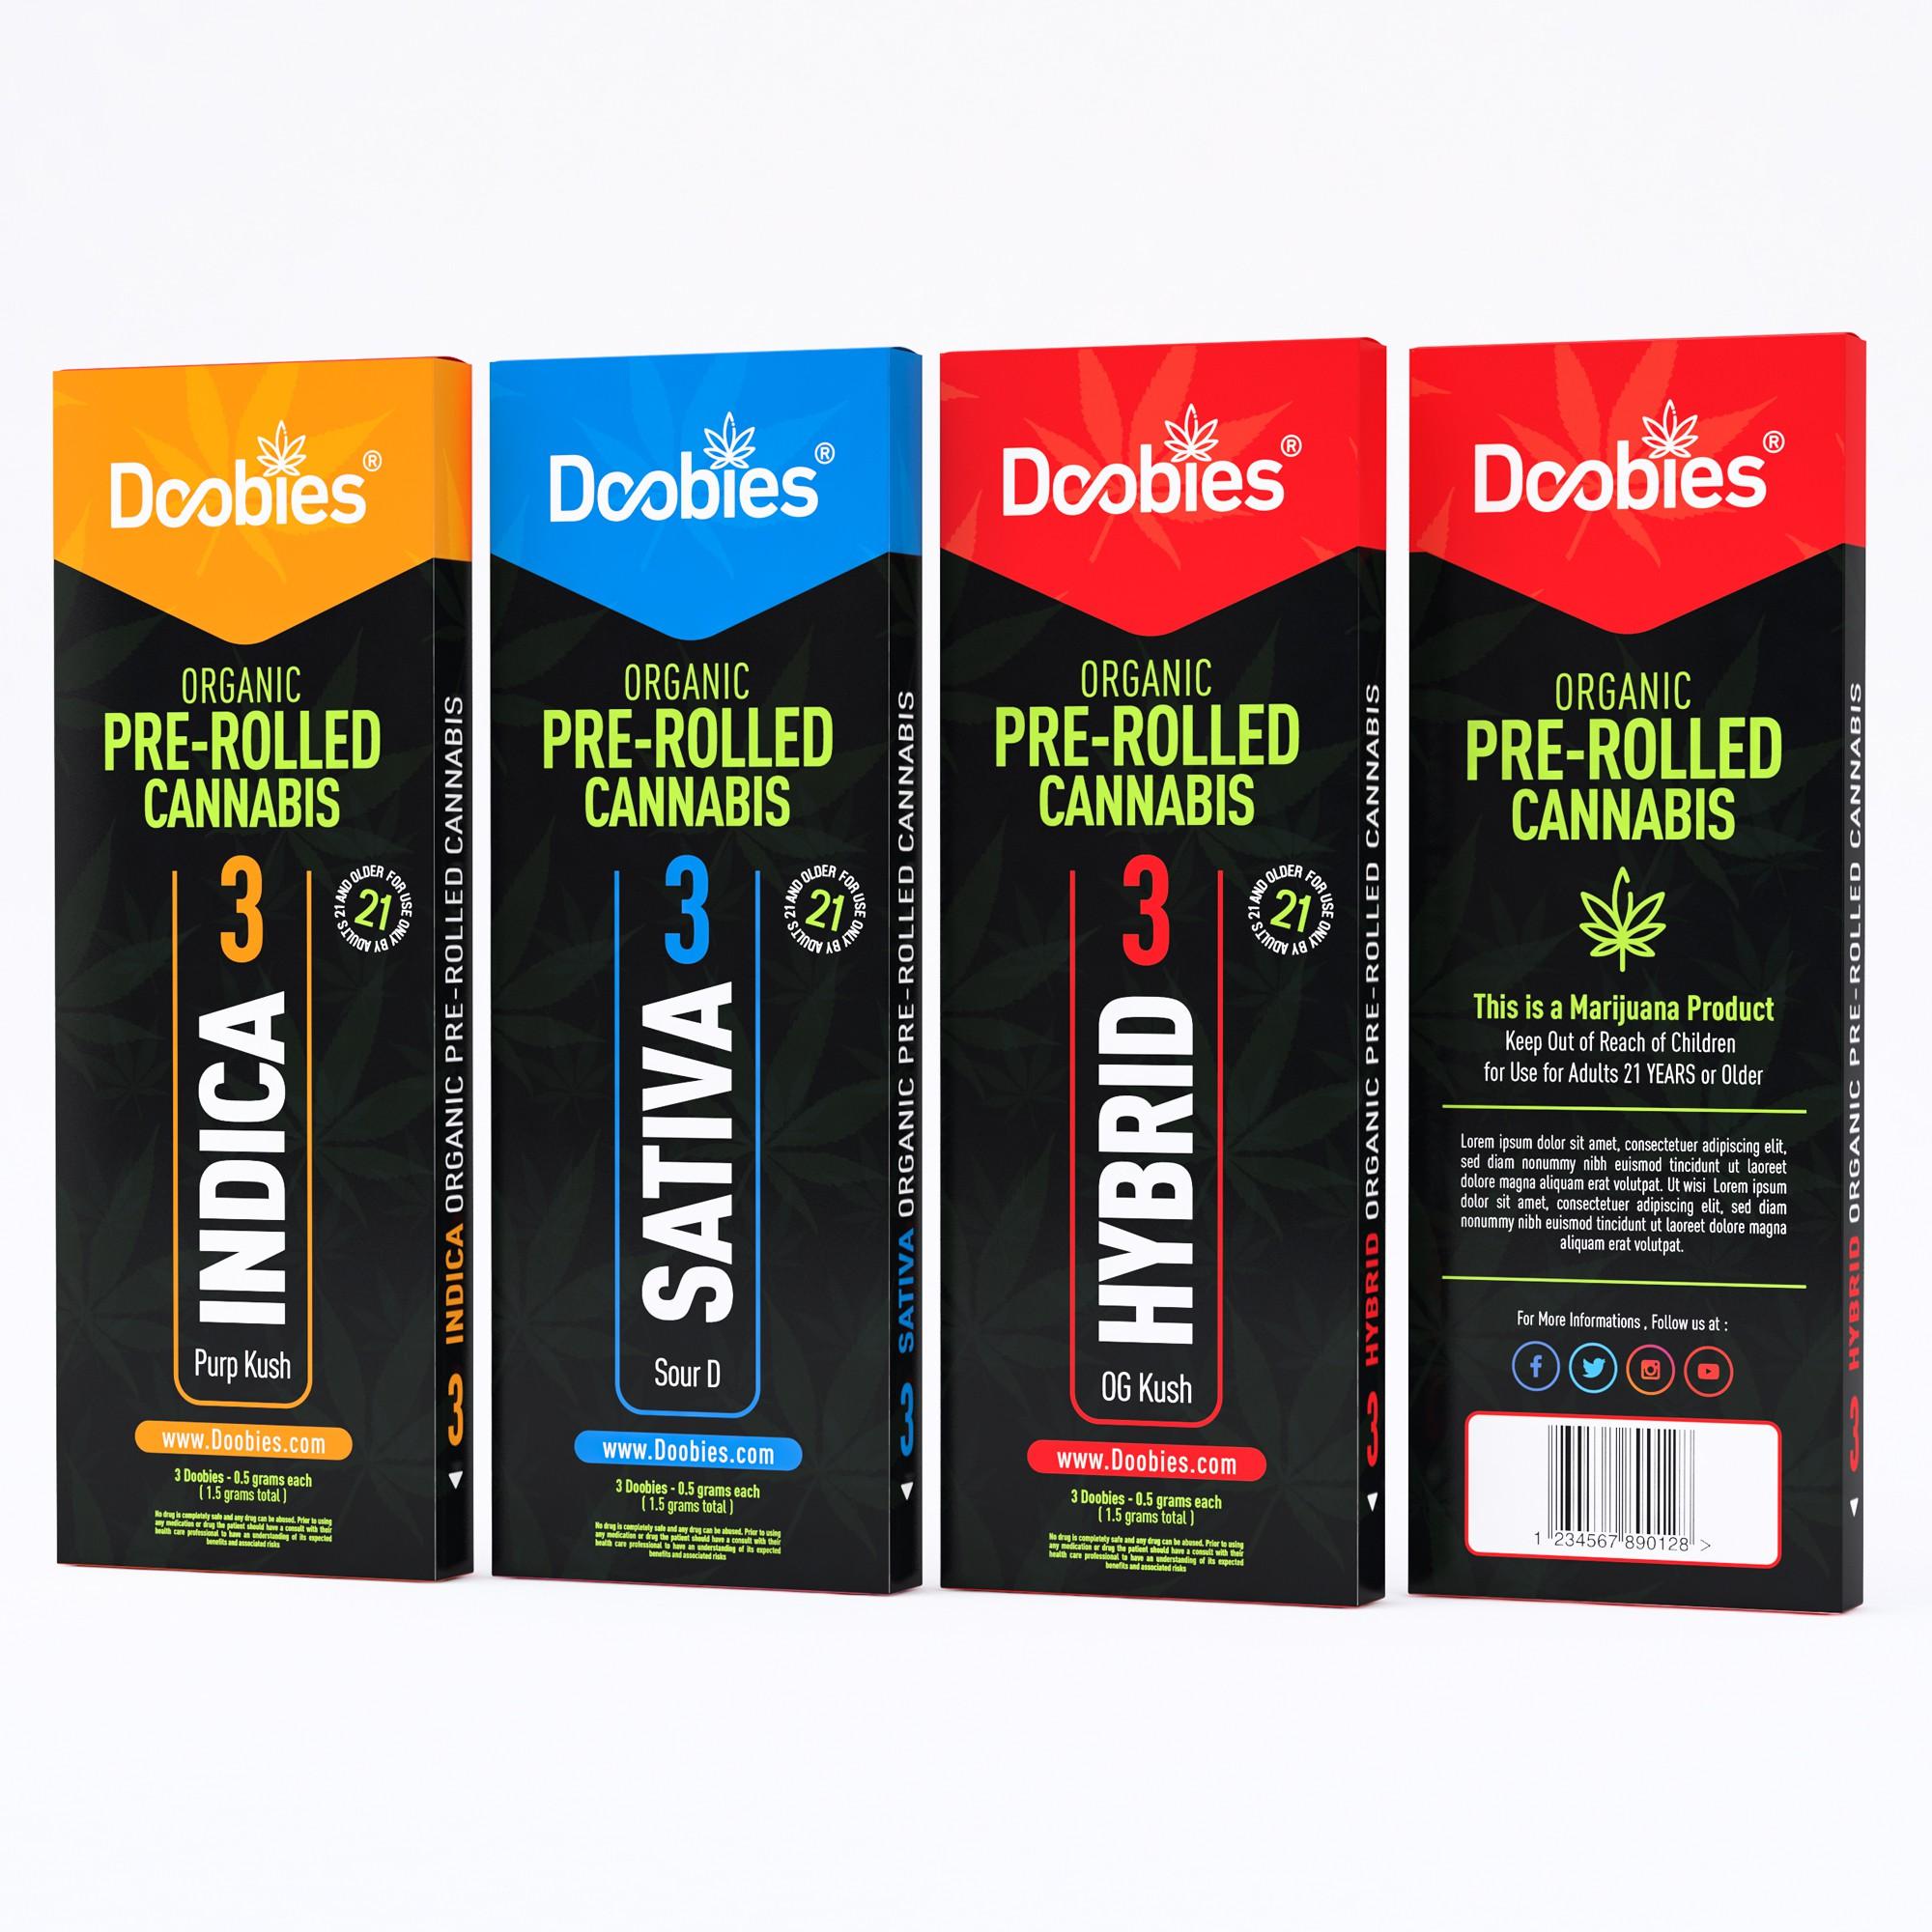 Doobies - Cannabis Doobies - Pre-rolled cannabis doobies